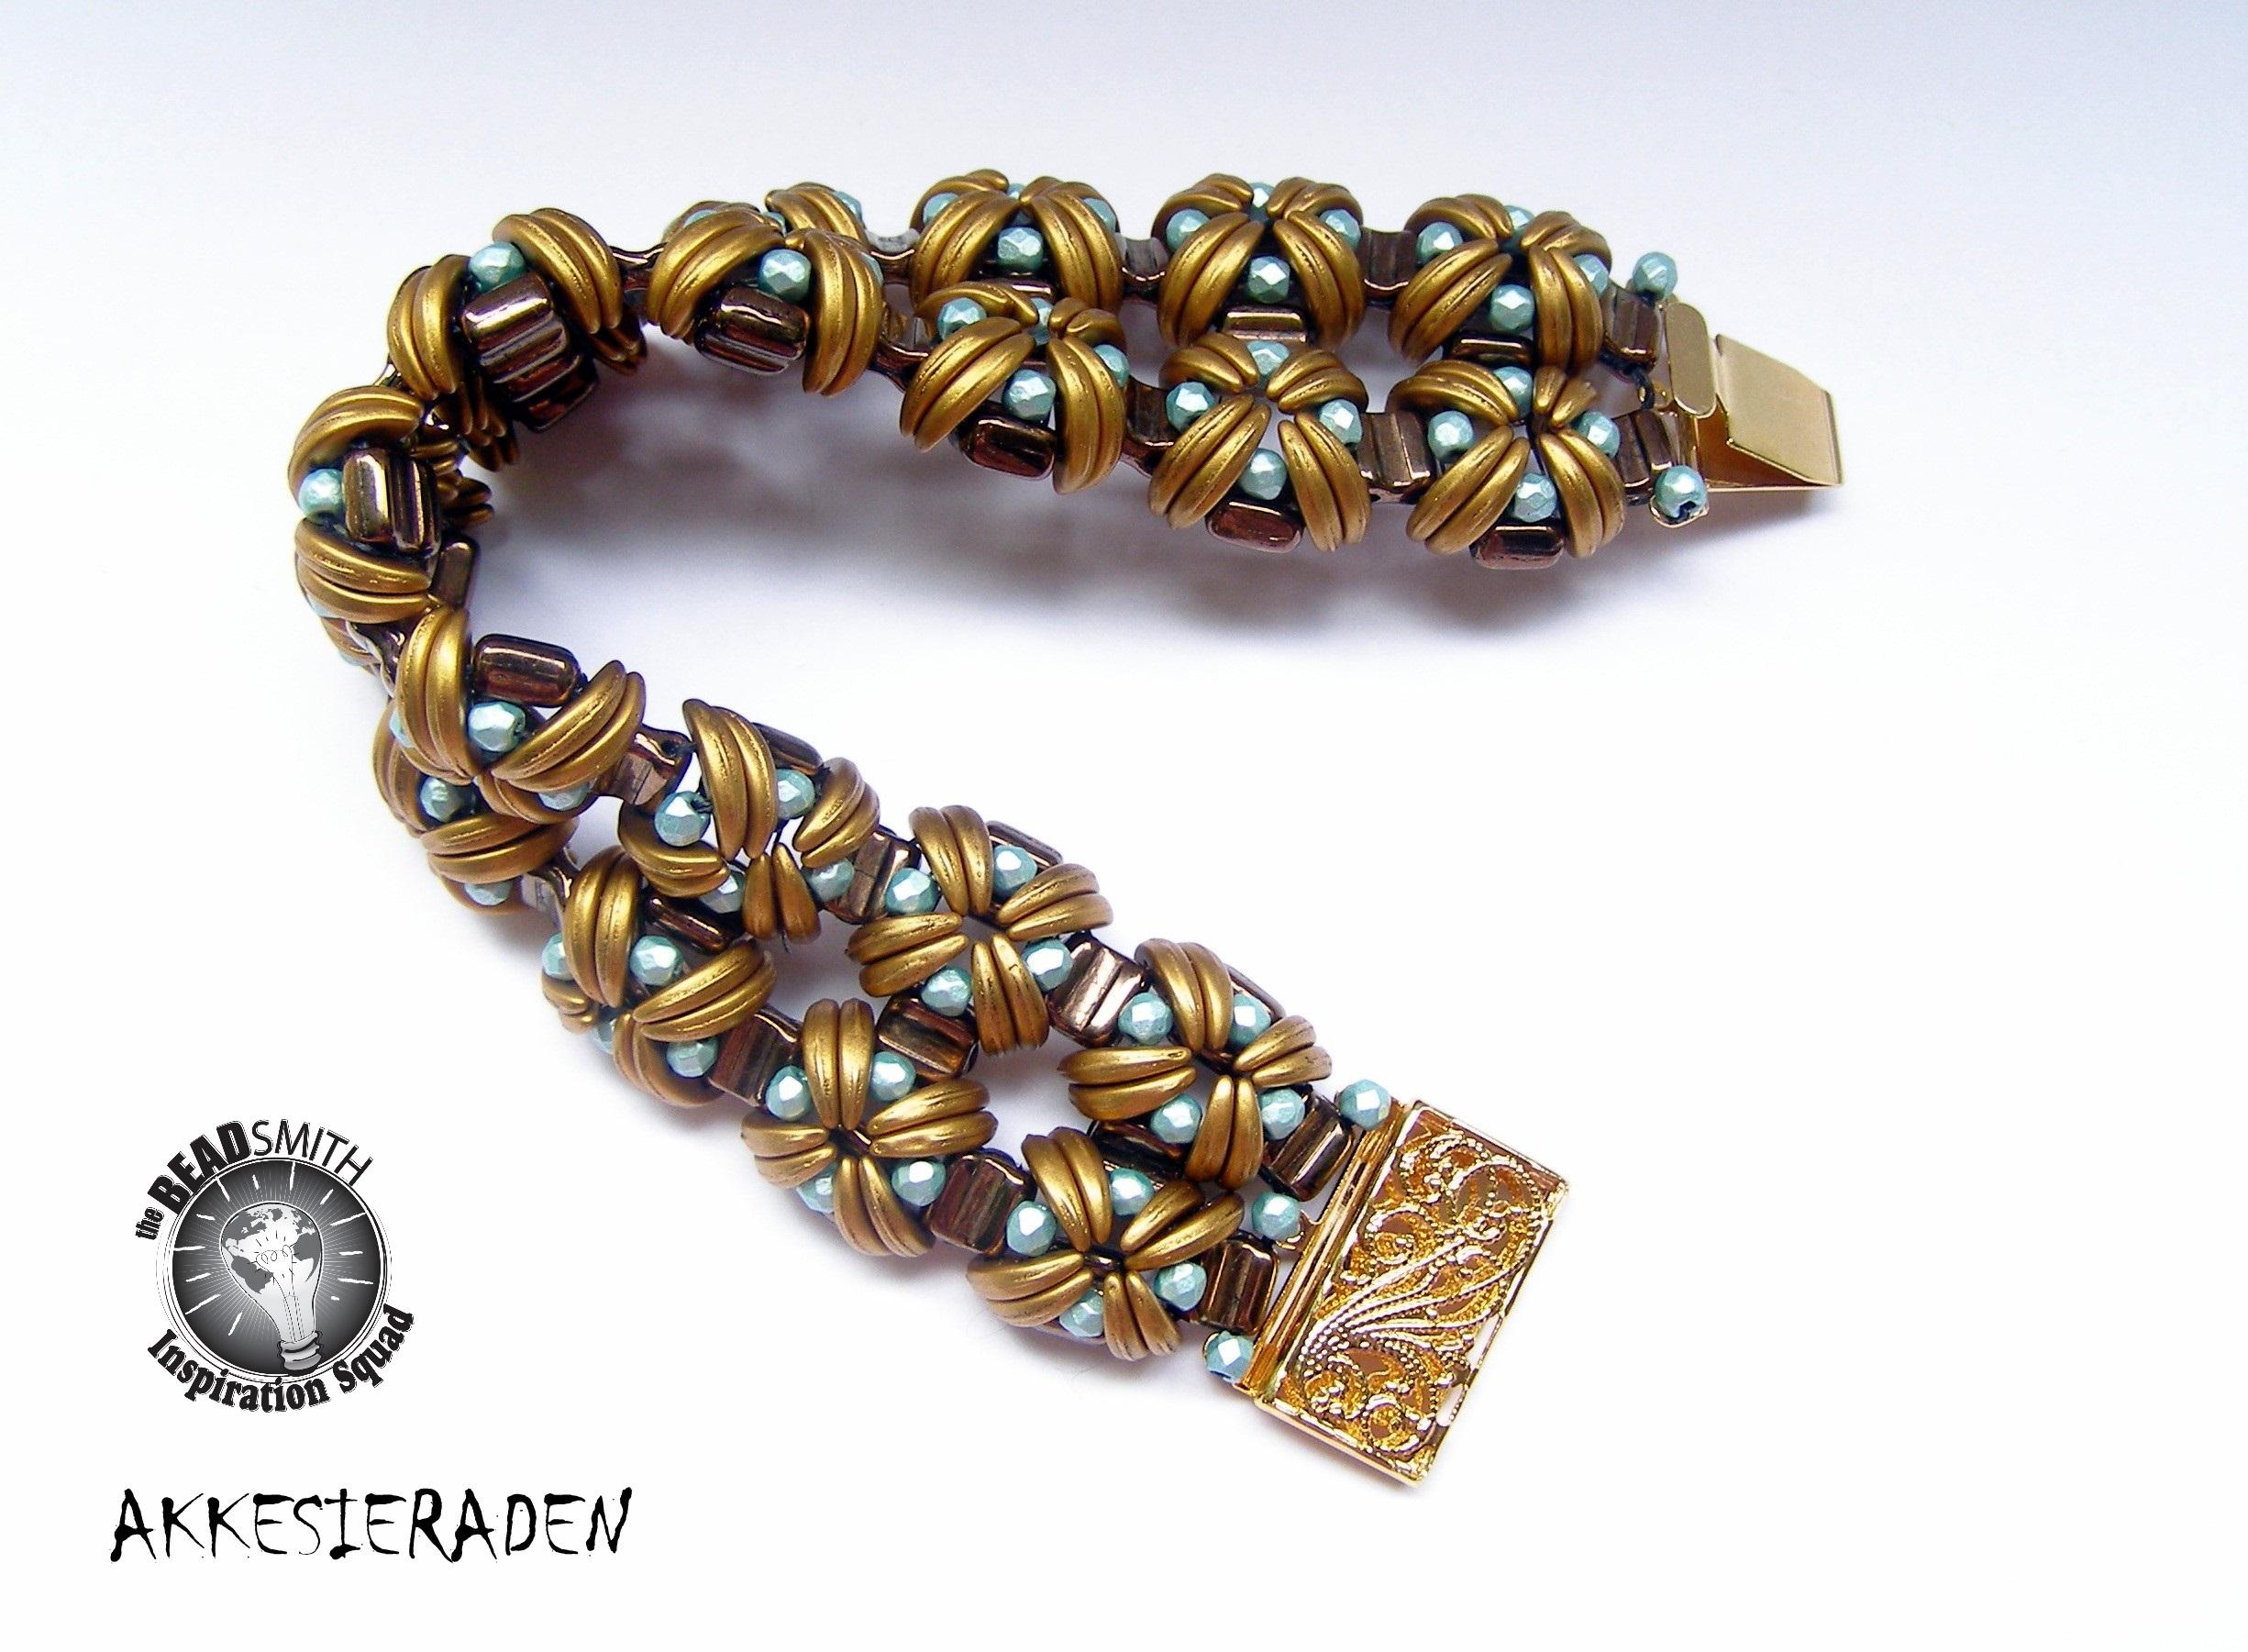 en]Akkesieraden[:nl]Akkesieraden   [:en]Jewelery design with small ...